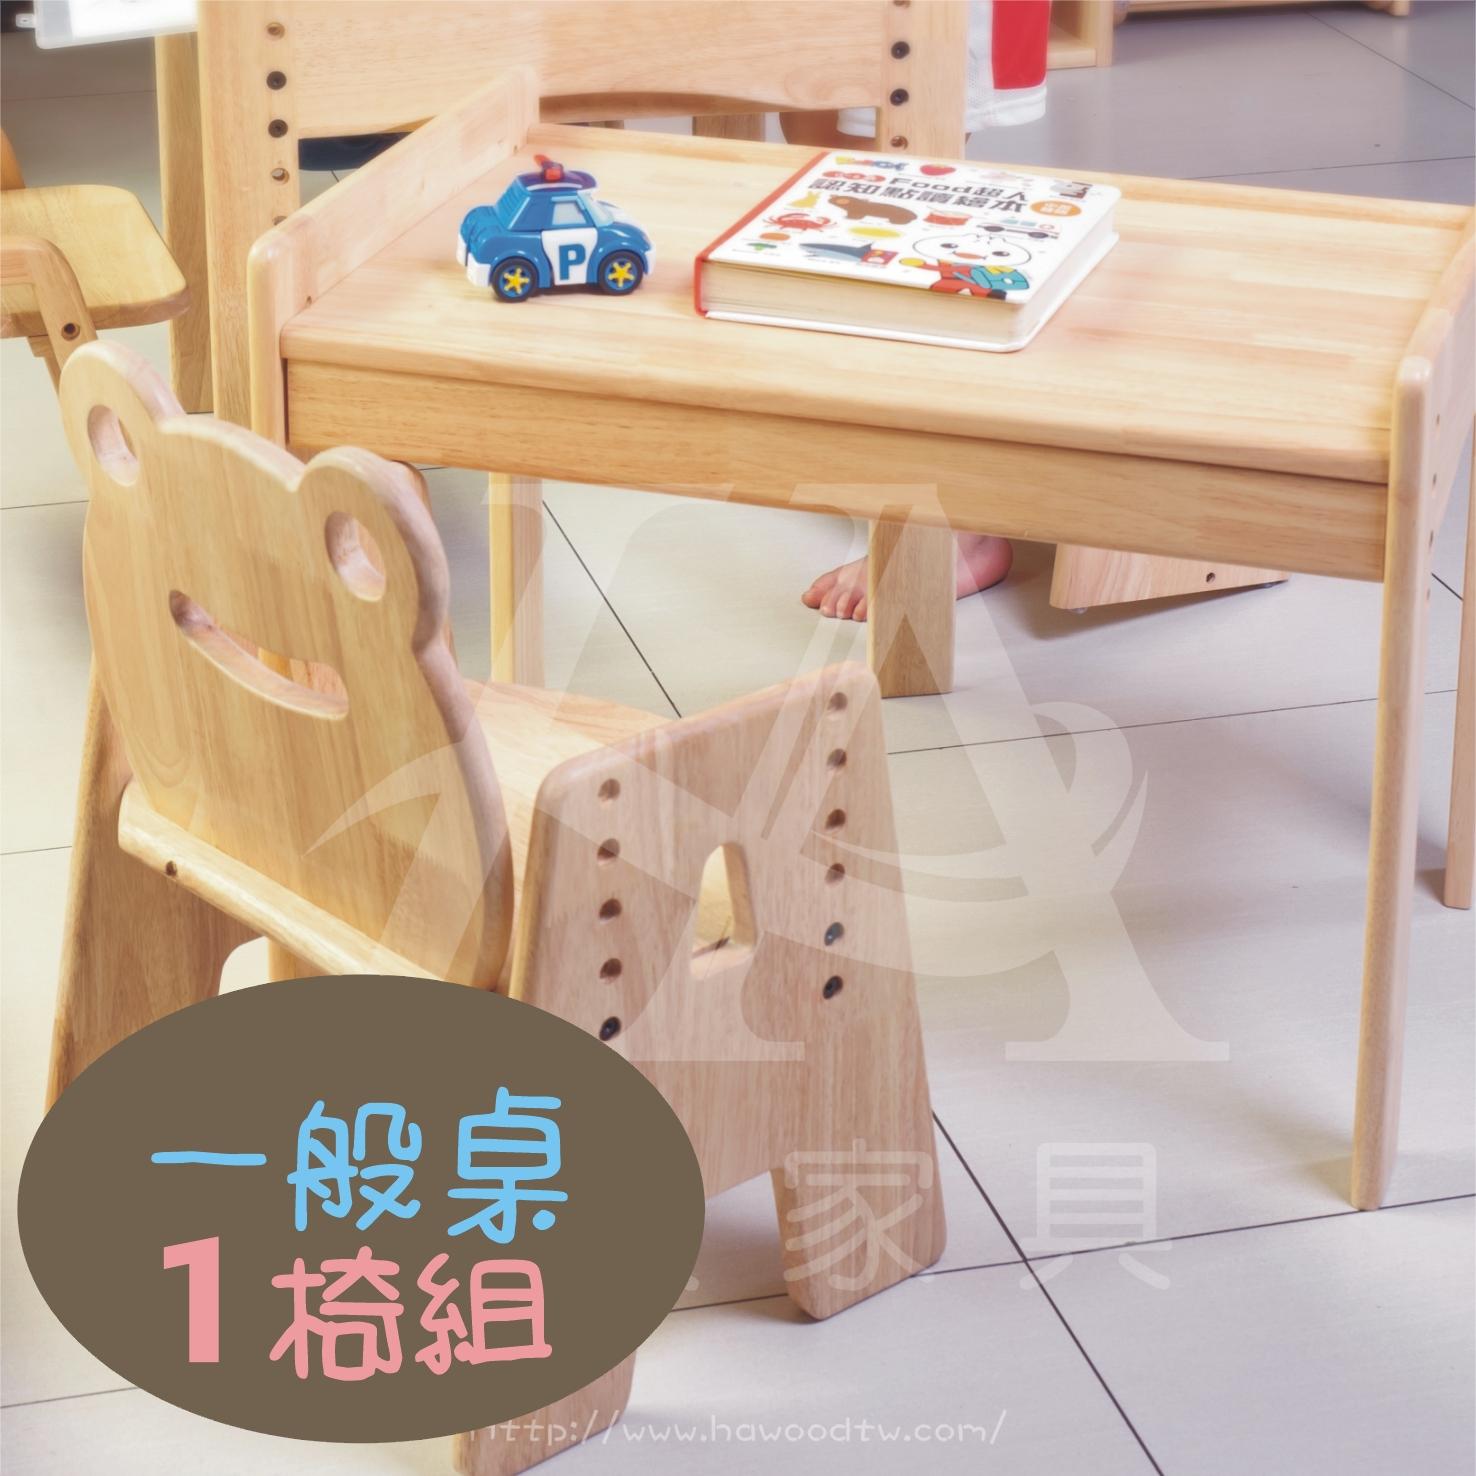 環安家具-幼兒成長桌椅組可愛動物椅款(一般桌)/一桌一椅組/可多段調整/寶寶 兒童書桌椅★護木保養液加購價只要150元★